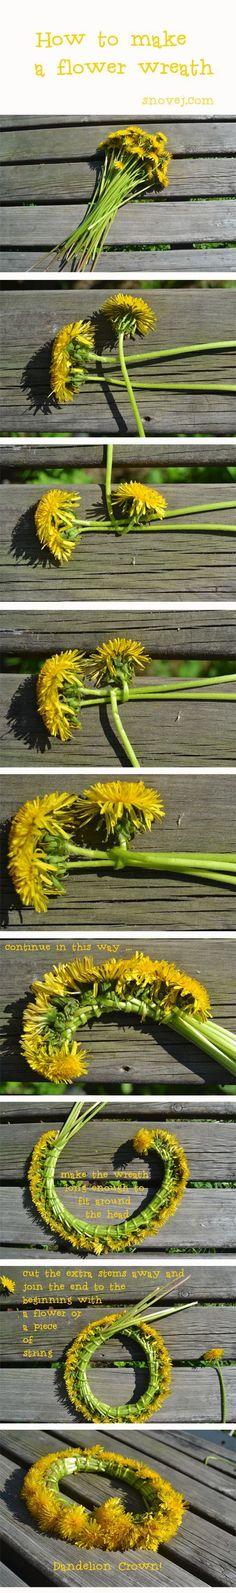 DIY Fresh Flower Heart Wreath is part of Diy flower crown - Diy Flower Crown, Flower Crowns, Diy Flowers, Flower Crown Drawing, Diy Crafts Hacks, Cute Crafts, Diys, Fleurs Diy, Art Diy